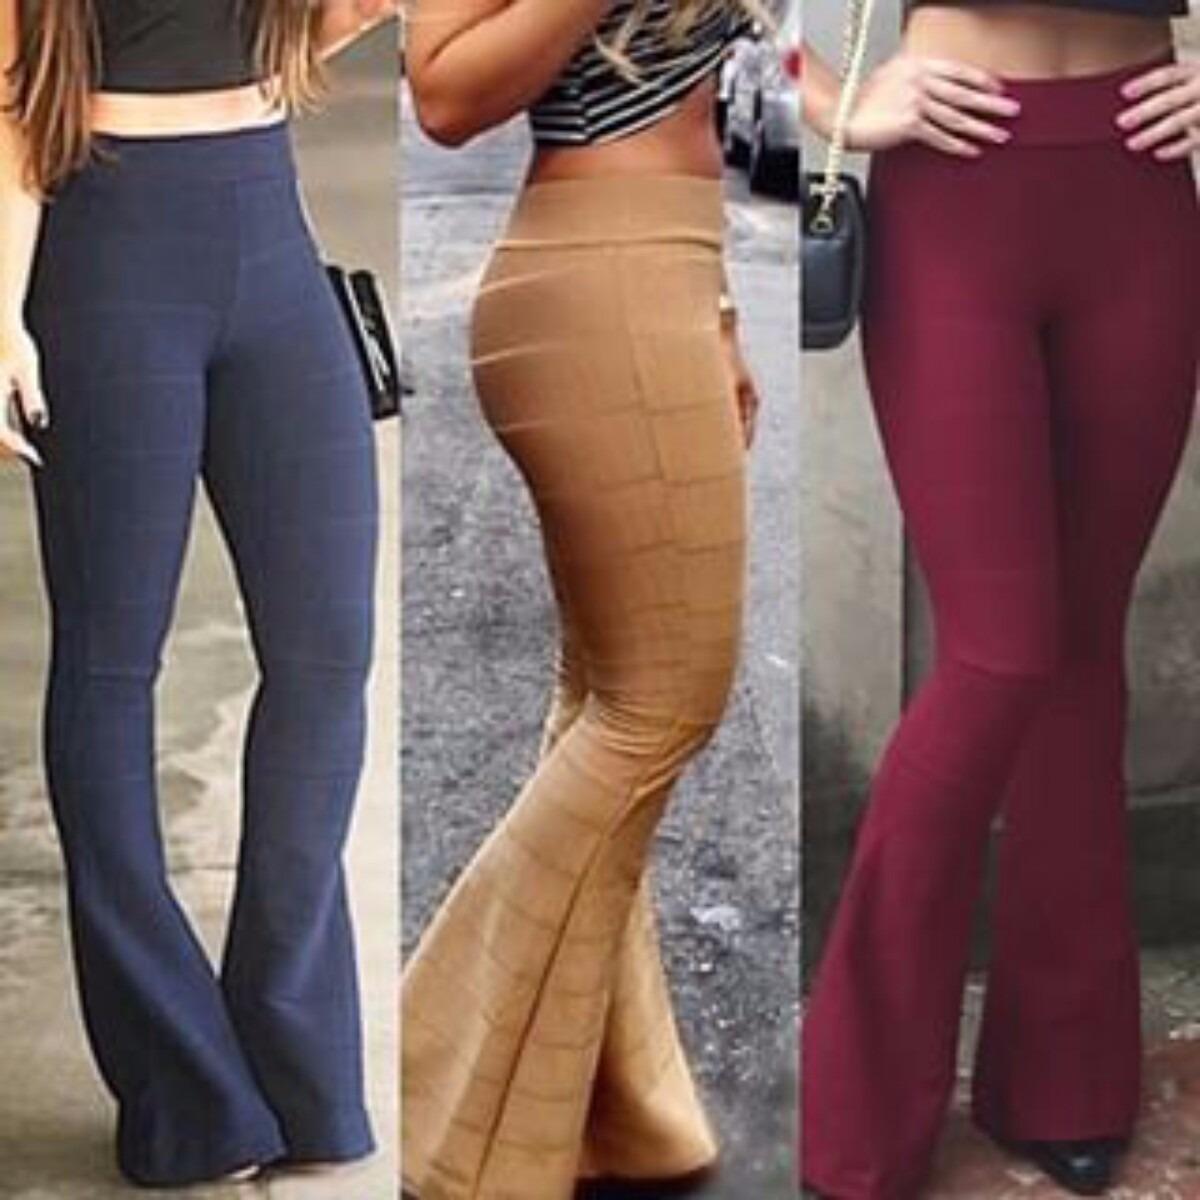 calça flare bandagem juju roupas femininas promoção barato. Carregando zoom. 4d8fe6c4975ff